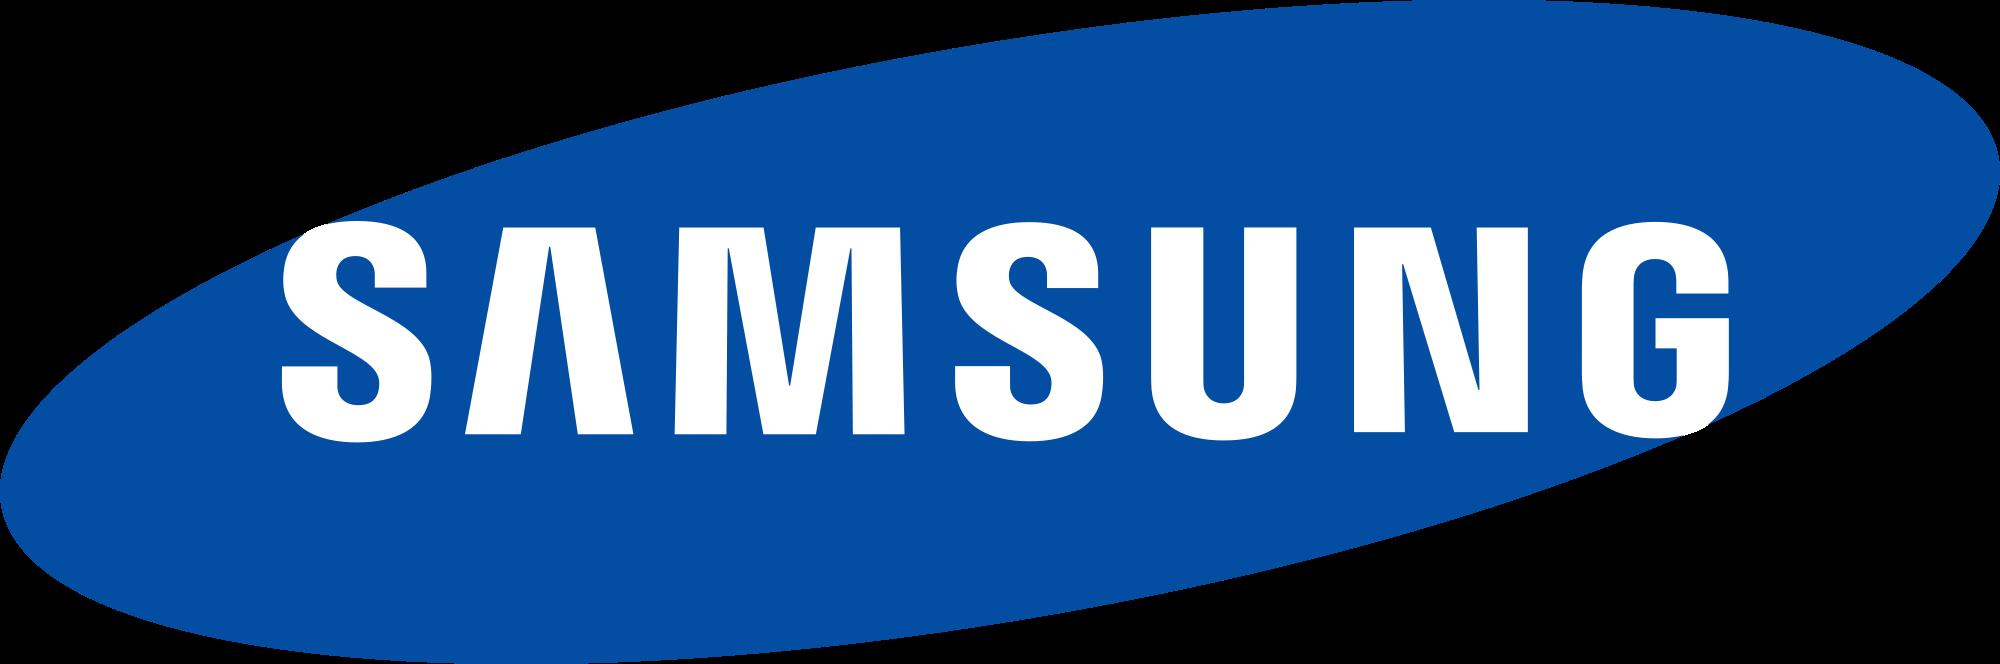 Najwiêkszy z telefonów Galaxy S10 mo¿e mieæ wy¶wietlacz 6.44 cala